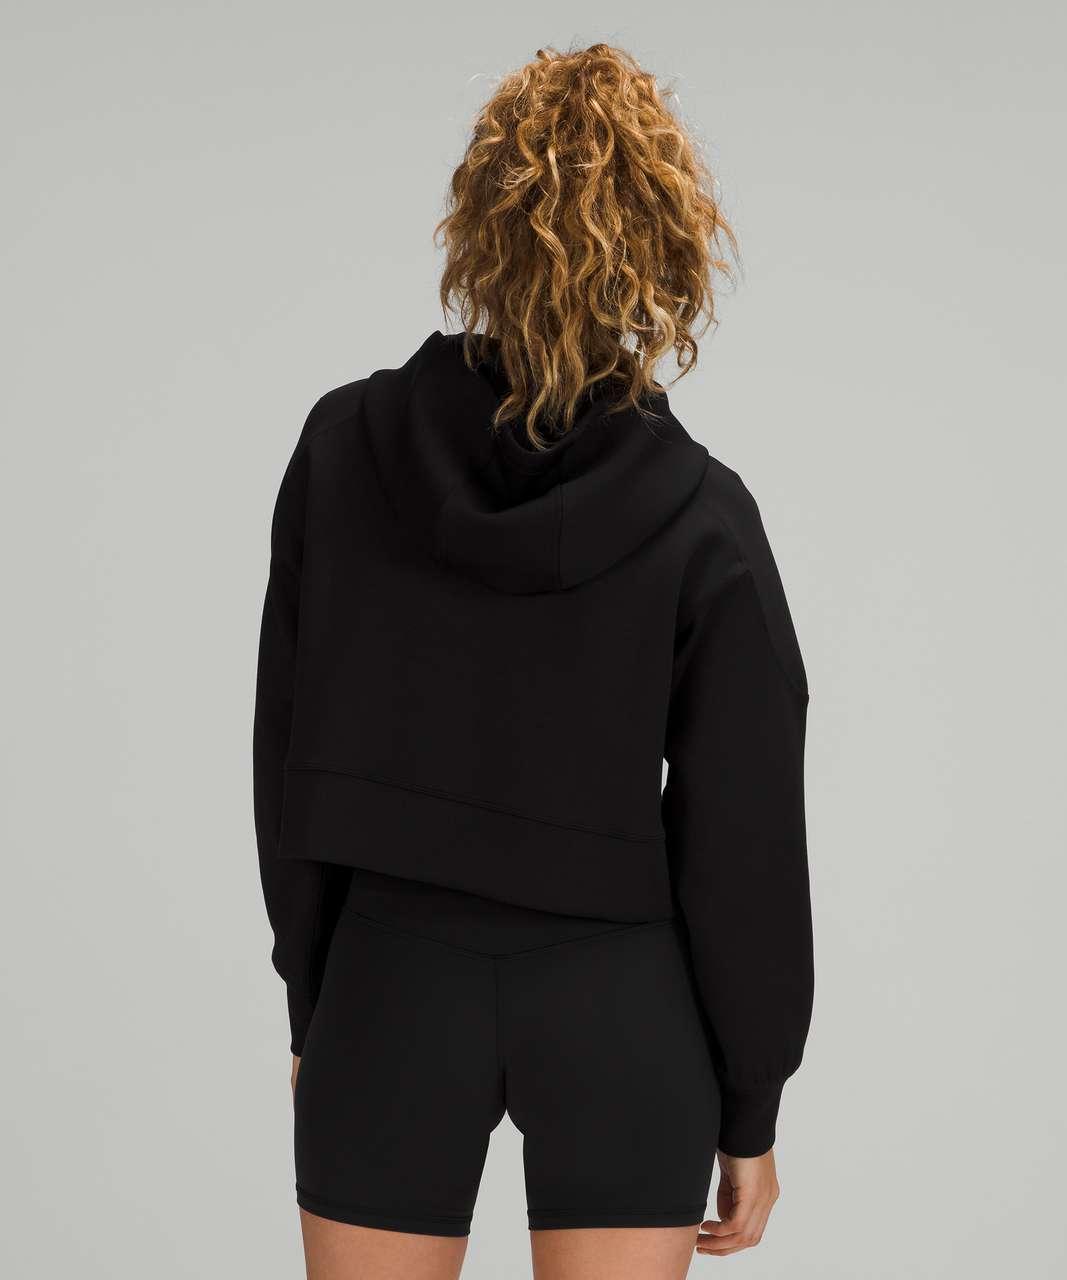 Lululemon Get Centred Crop Hoodie - Black / Black